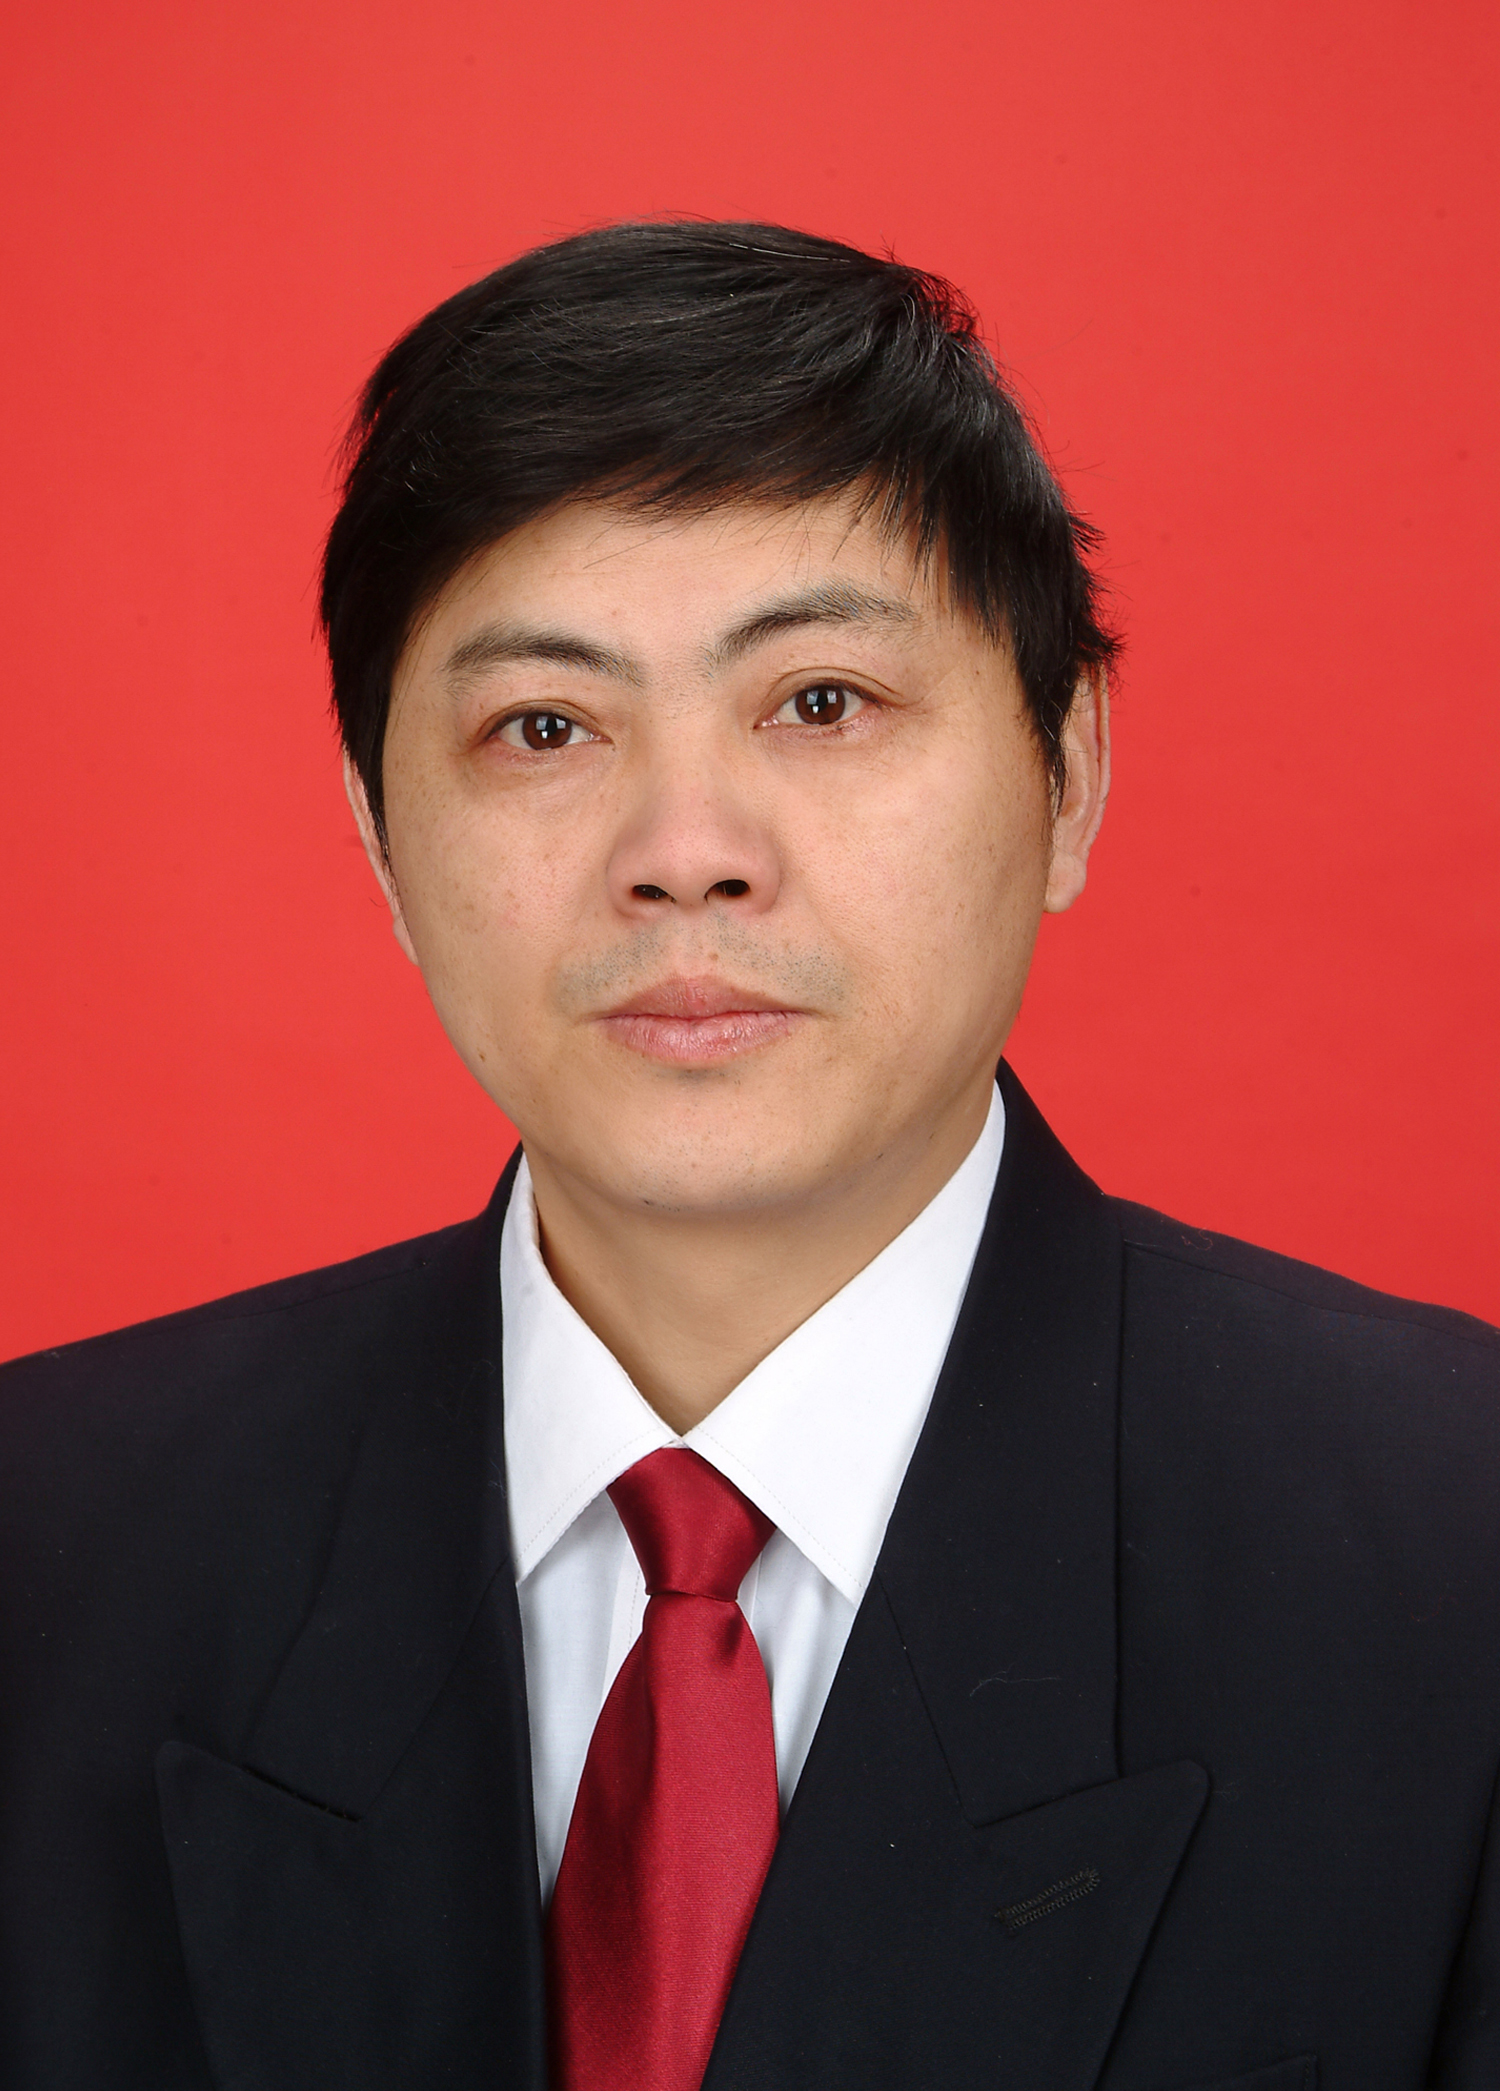 商丘市第一人民医院分院|张连涛 副主任医师